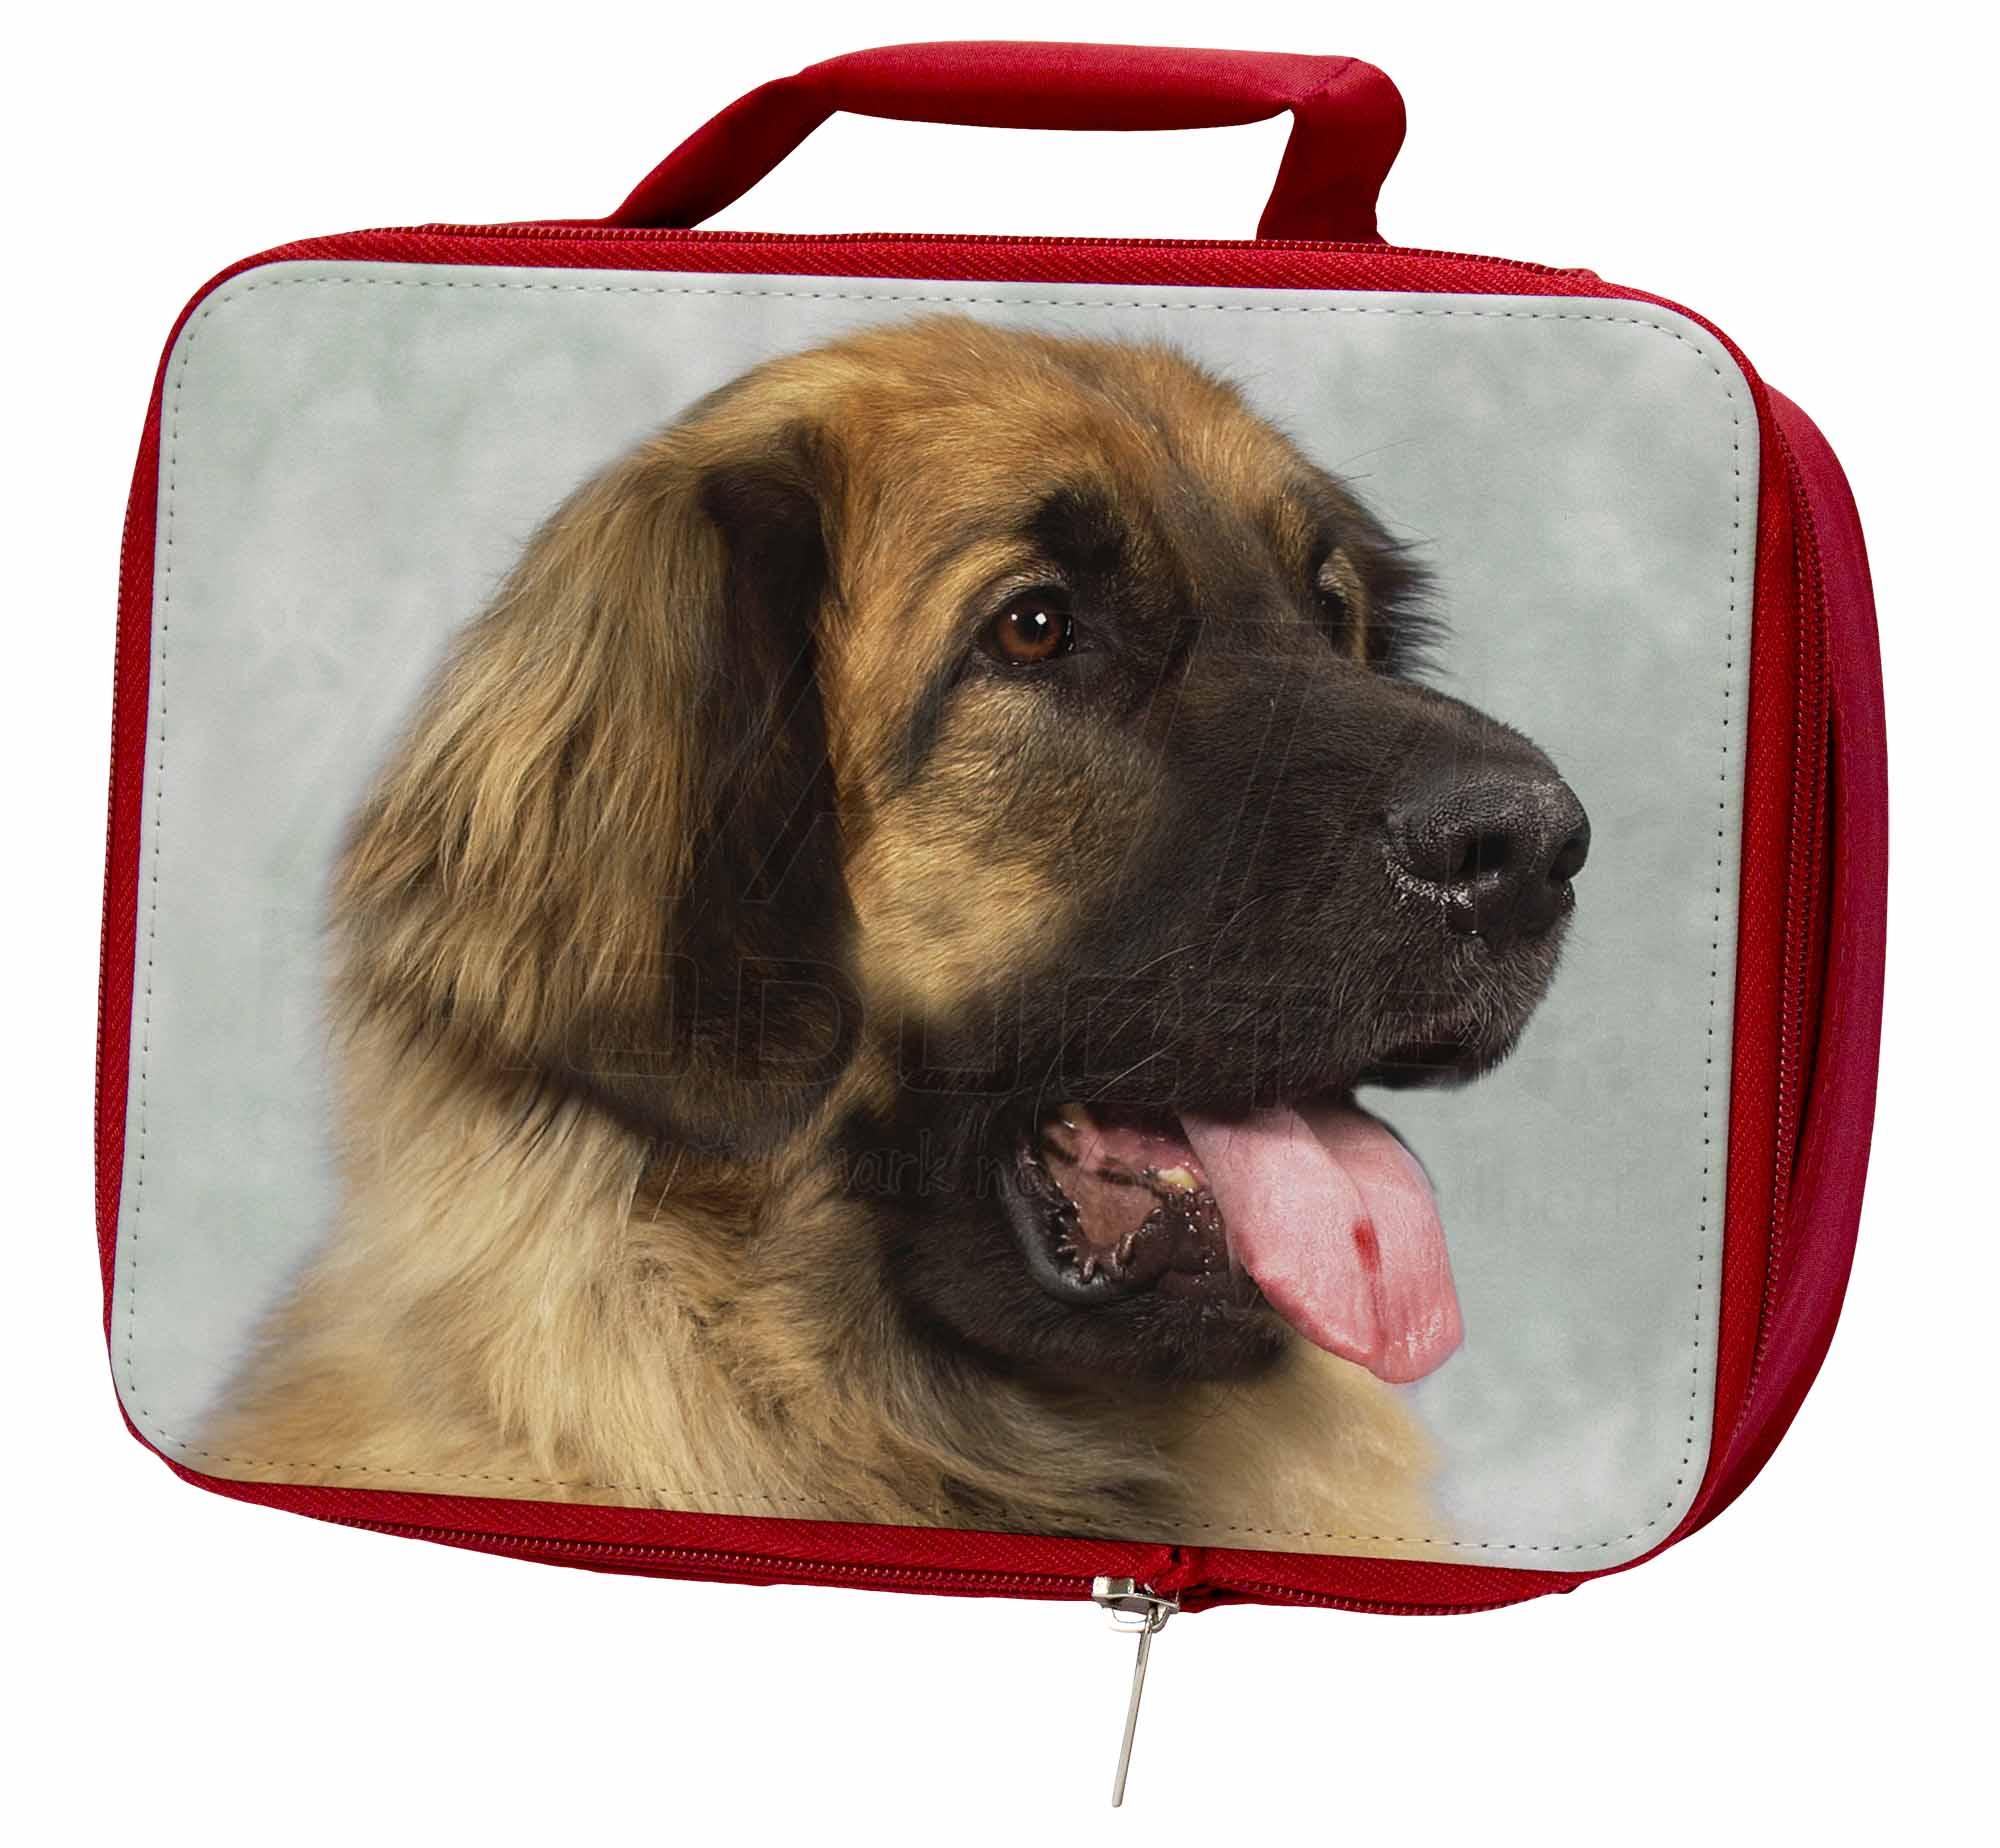 BIONDA LEONBERGER cane ERMETICA ROSSO SCATOLA del pranzo per scuola / Borsa da